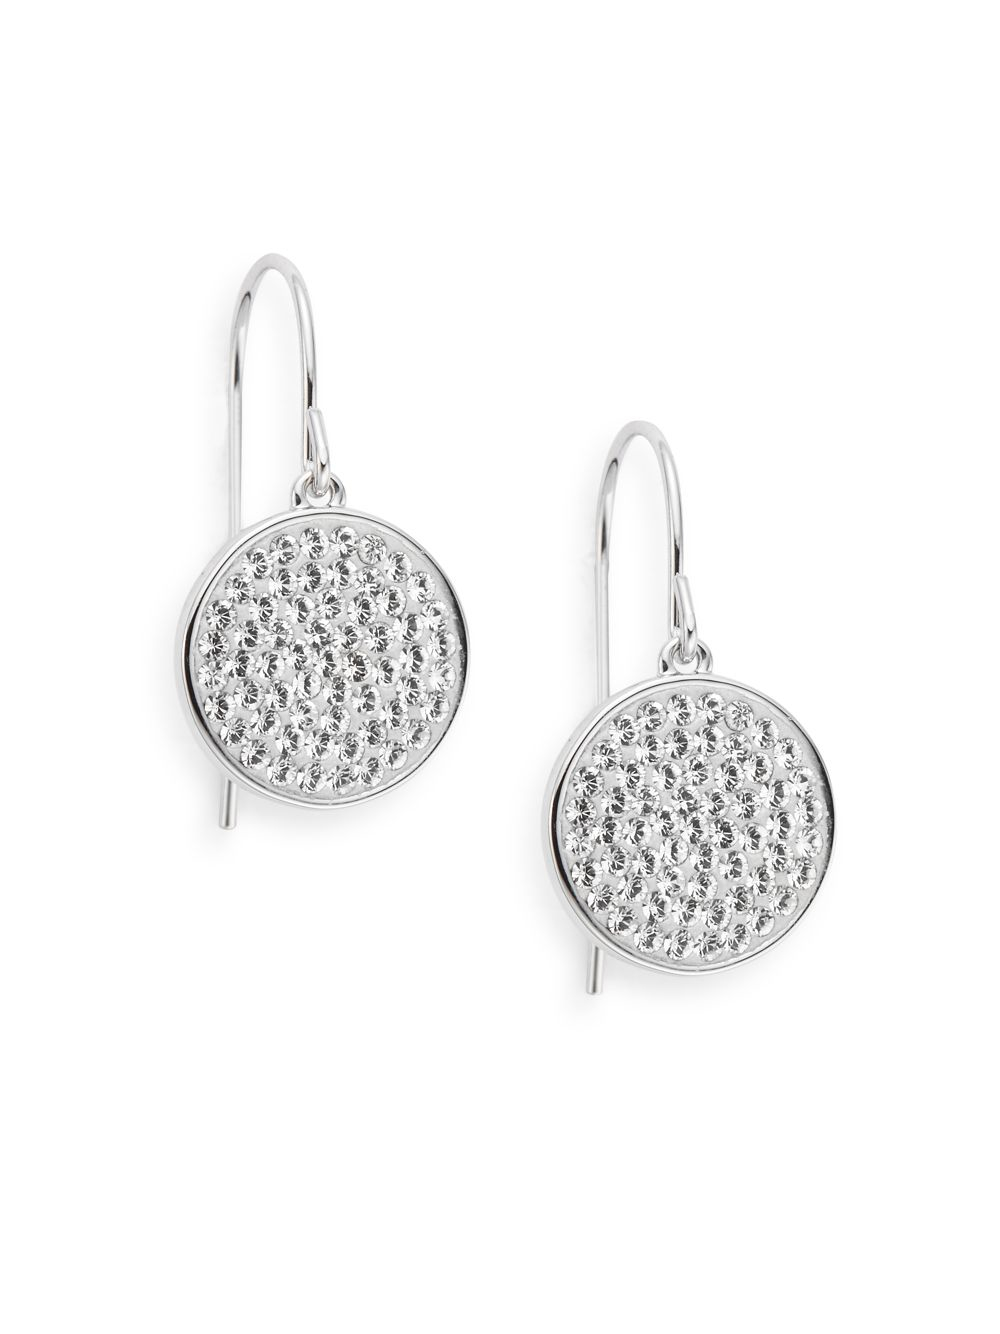 Swarovski Top Crystal Pav 233 Round Drop Earrings In Metallic